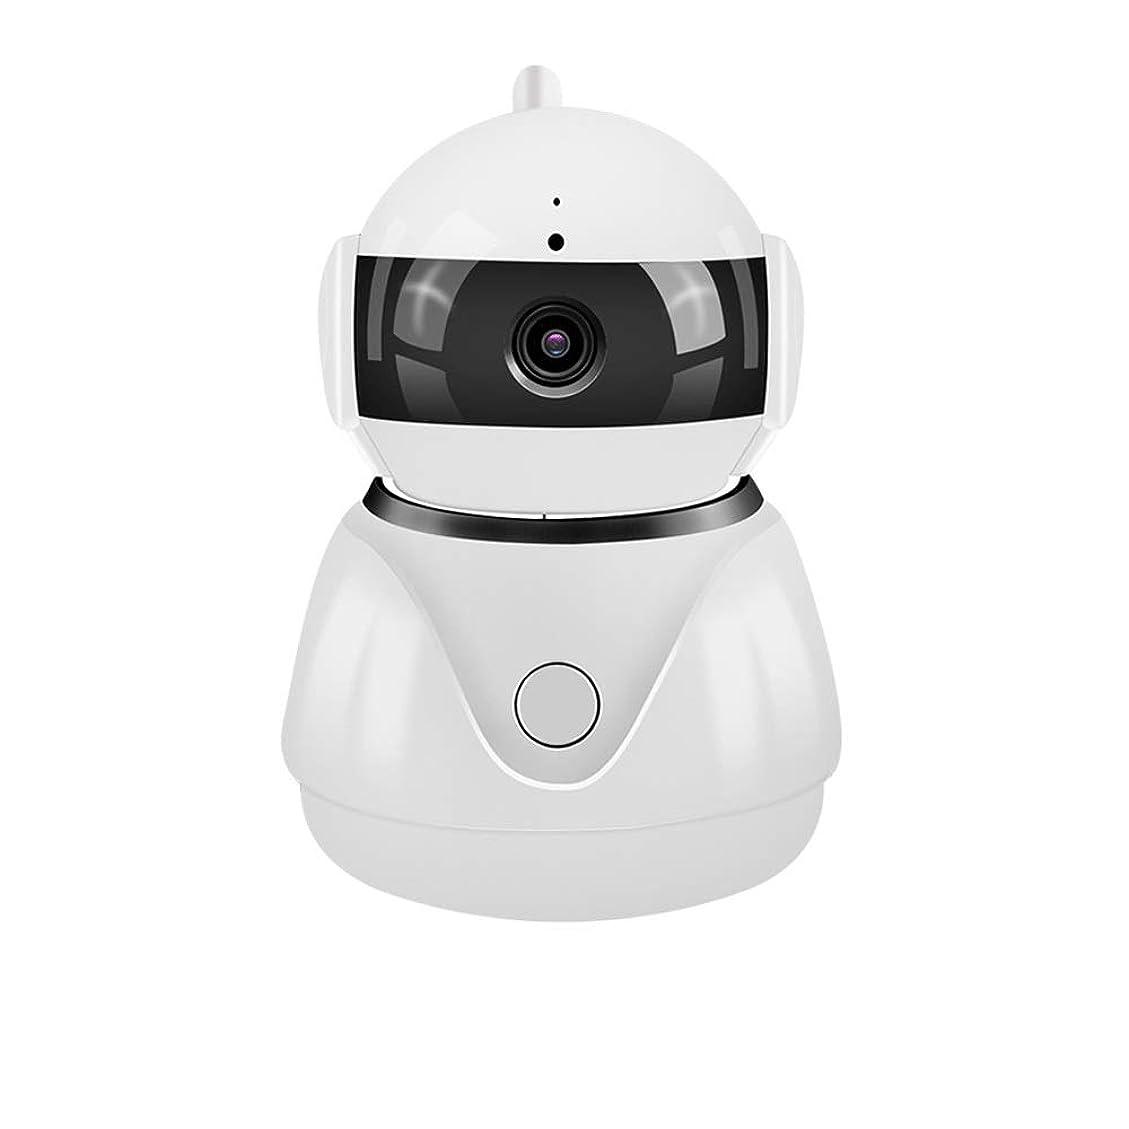 超小型カメラ Wi-FiカメラHD 1080 Pクラウドストレージワイヤレス2.0 MPベビーモニター(ナイトビジョン)、双方向オーディオ、動き検出、ホームセキュリティ用